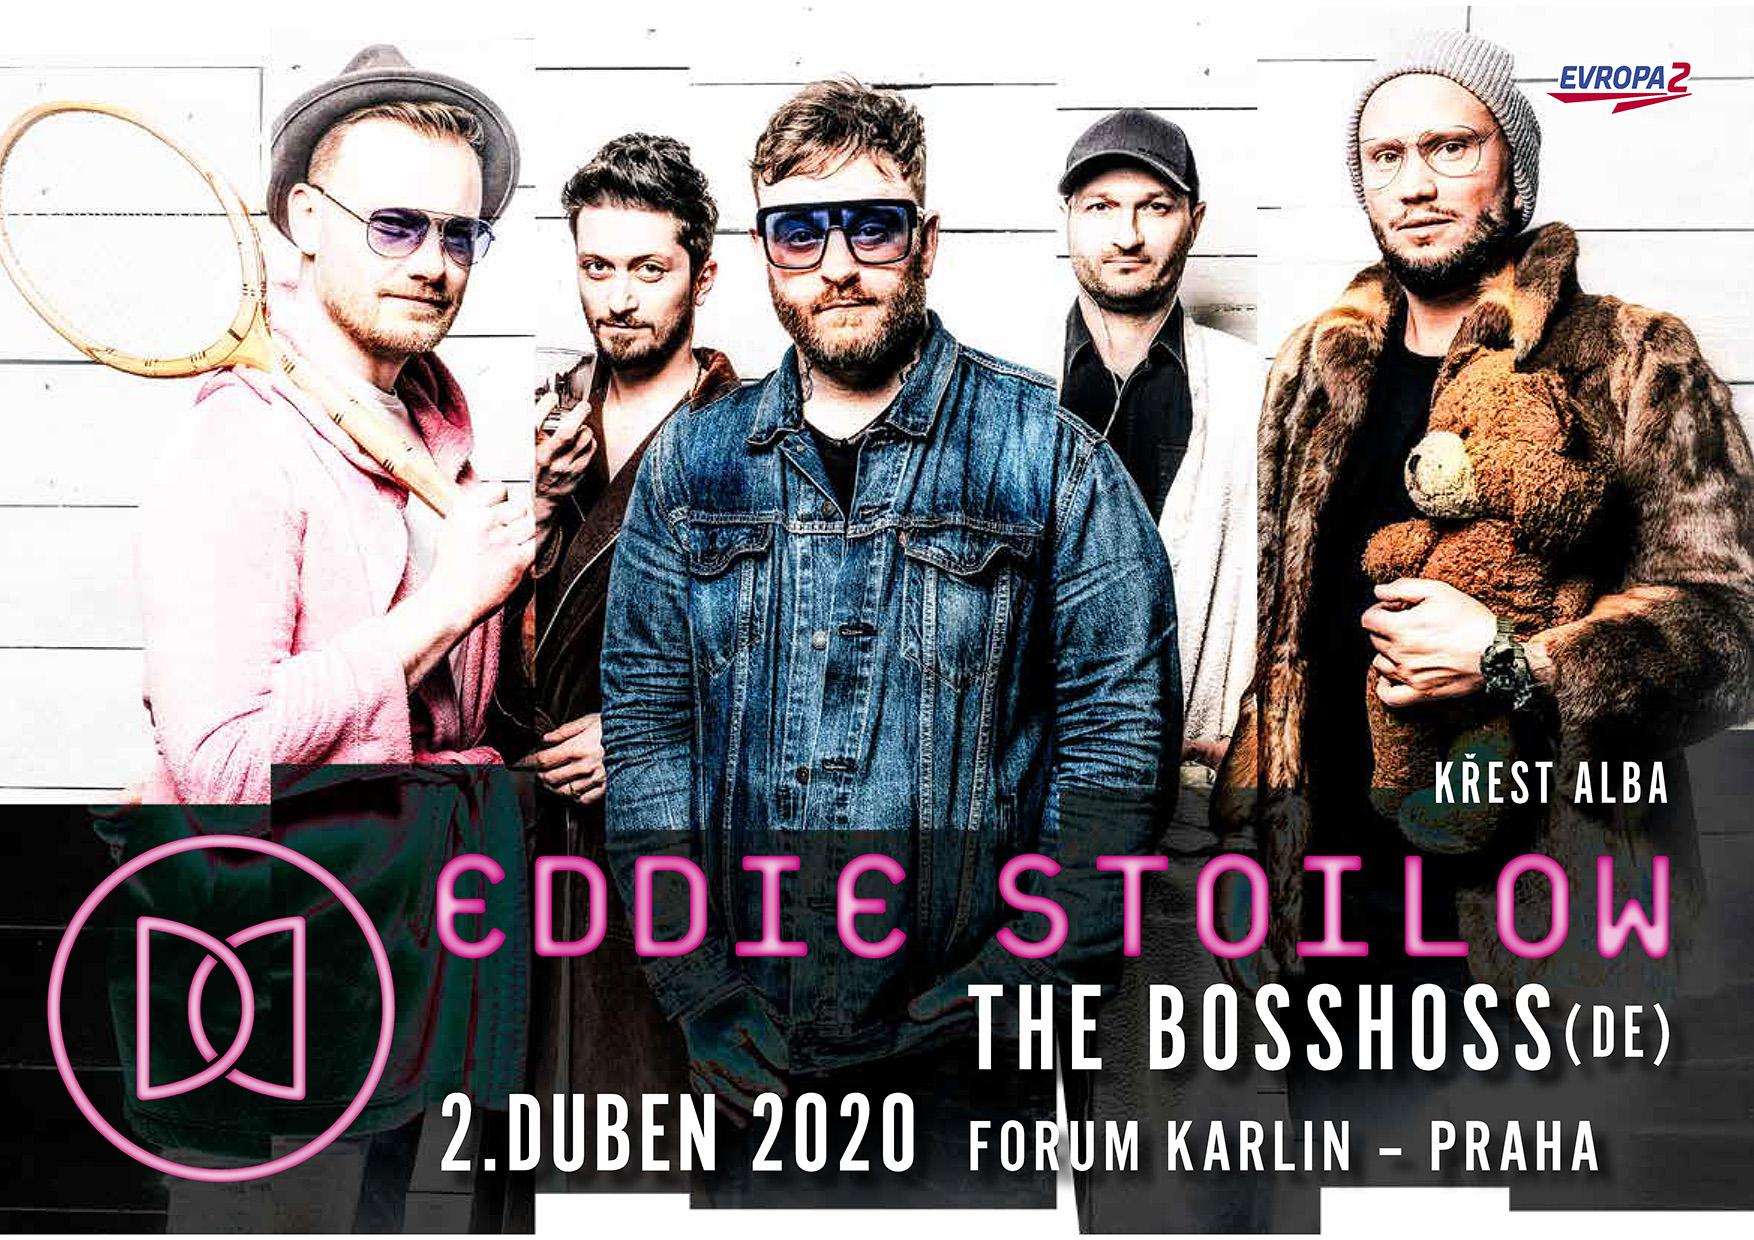 Eddie Stoilow cílí na Fórum Karlín.!